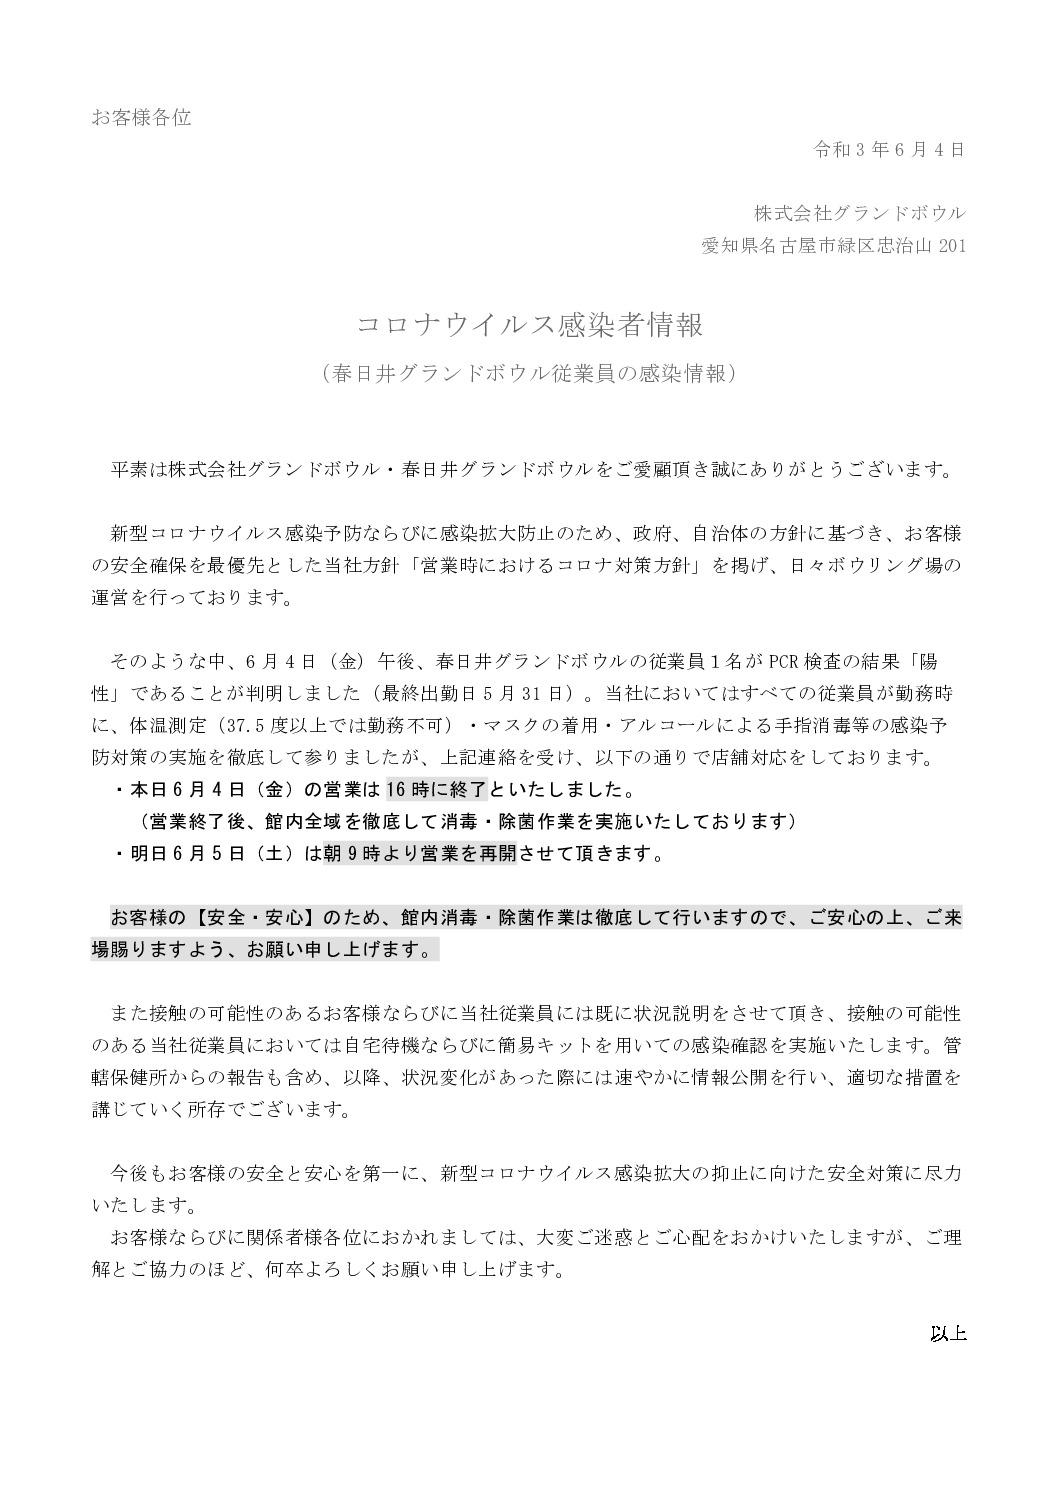 210604春日井_コロナ感染者発生文書_修正01のサムネイル